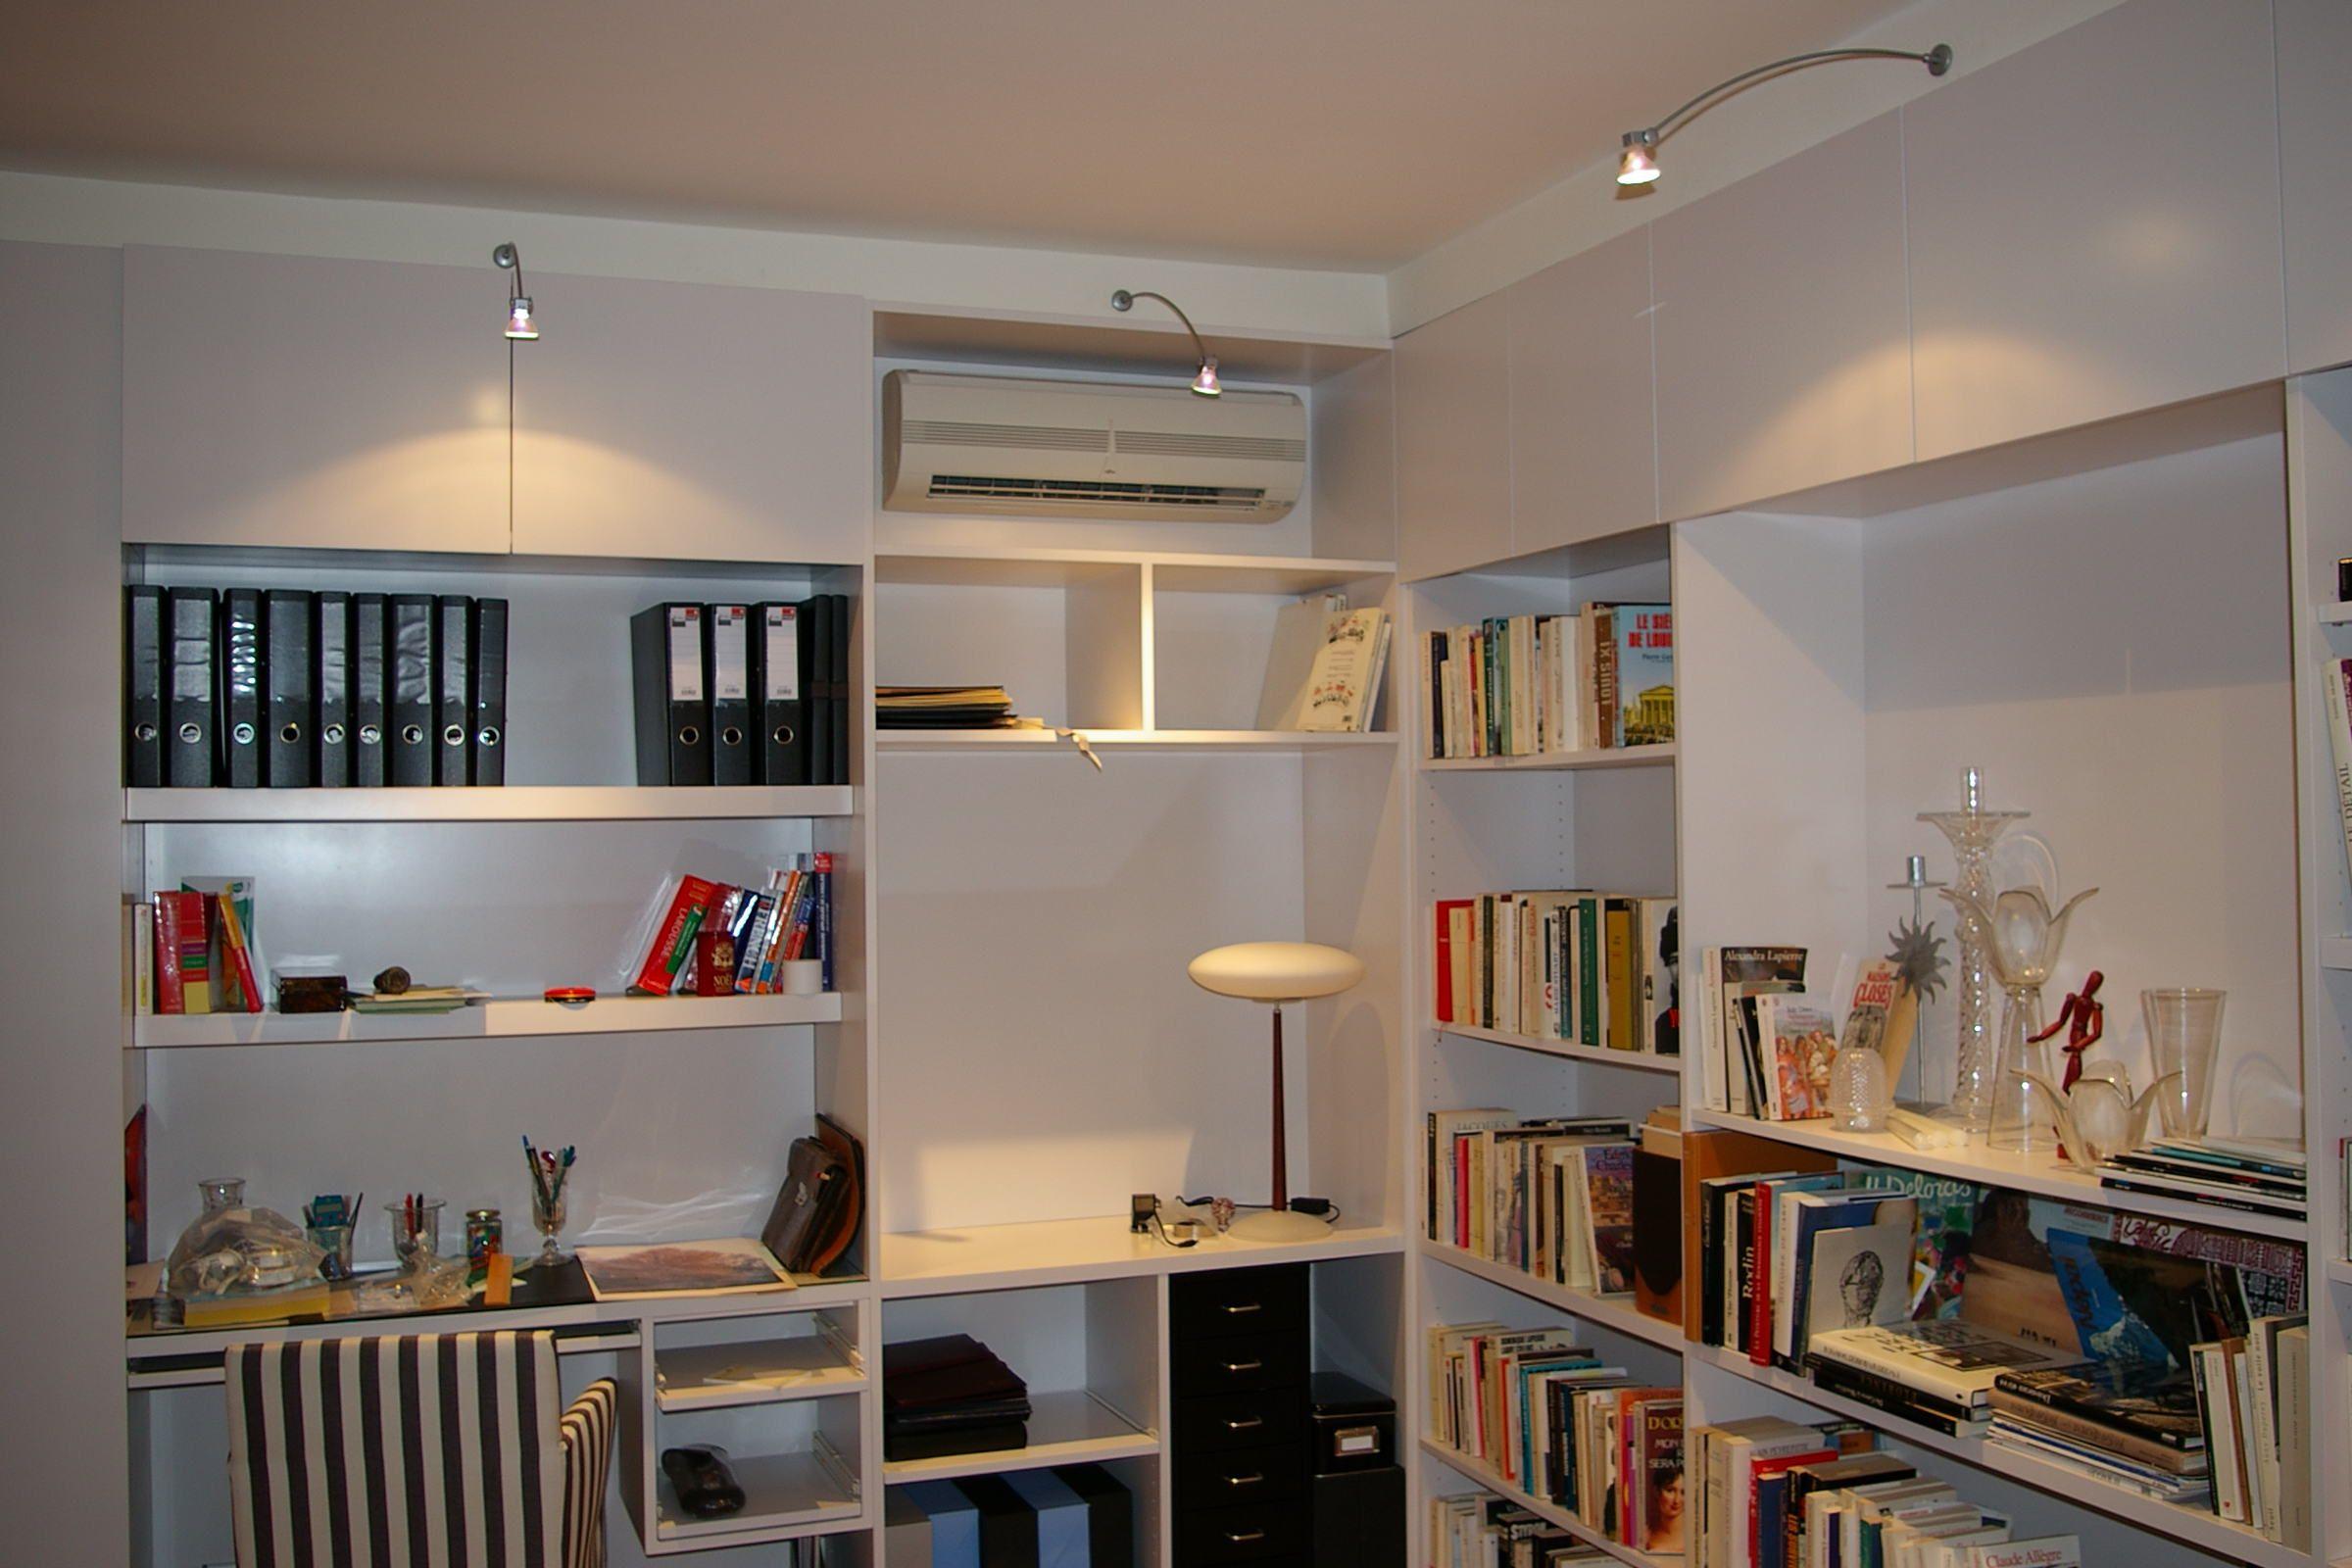 les 25 meilleures id es de la cat gorie climatiseur mural sur pinterest climatiseurs surface. Black Bedroom Furniture Sets. Home Design Ideas